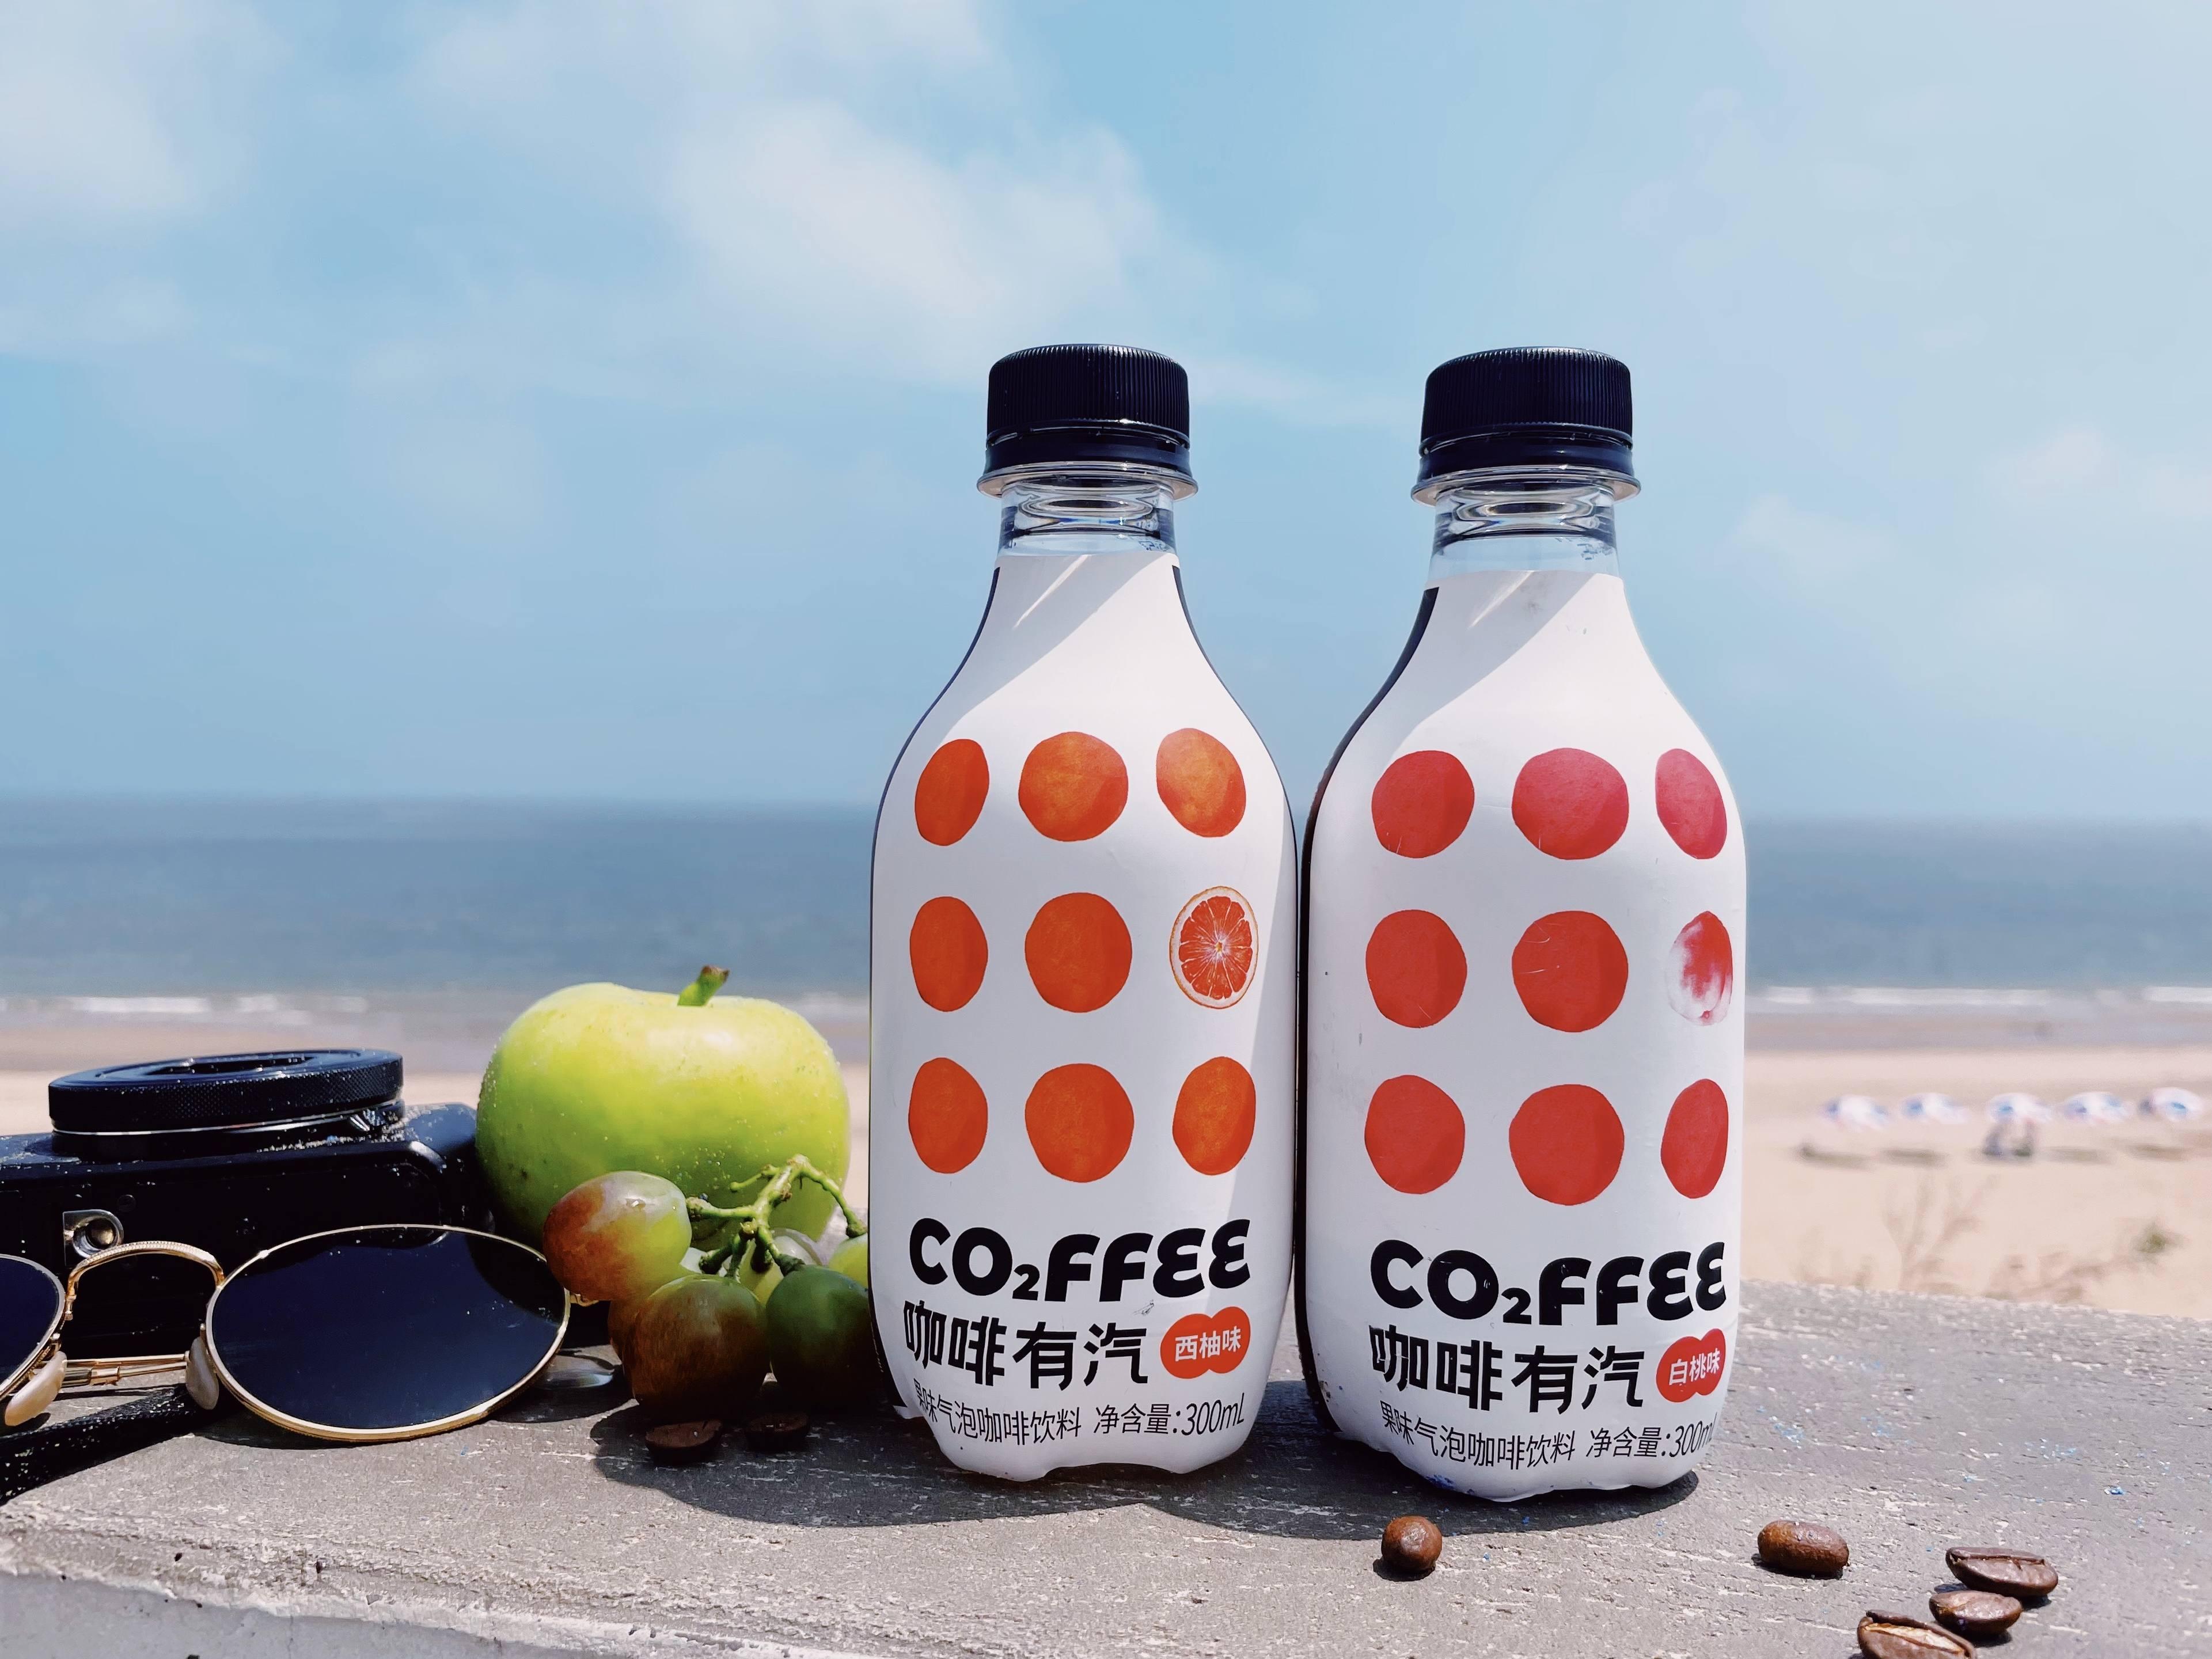 36氪首发 |「无限波谱」获千万级Pre-A轮融资,从果味气泡咖啡切入即饮饮品赛道